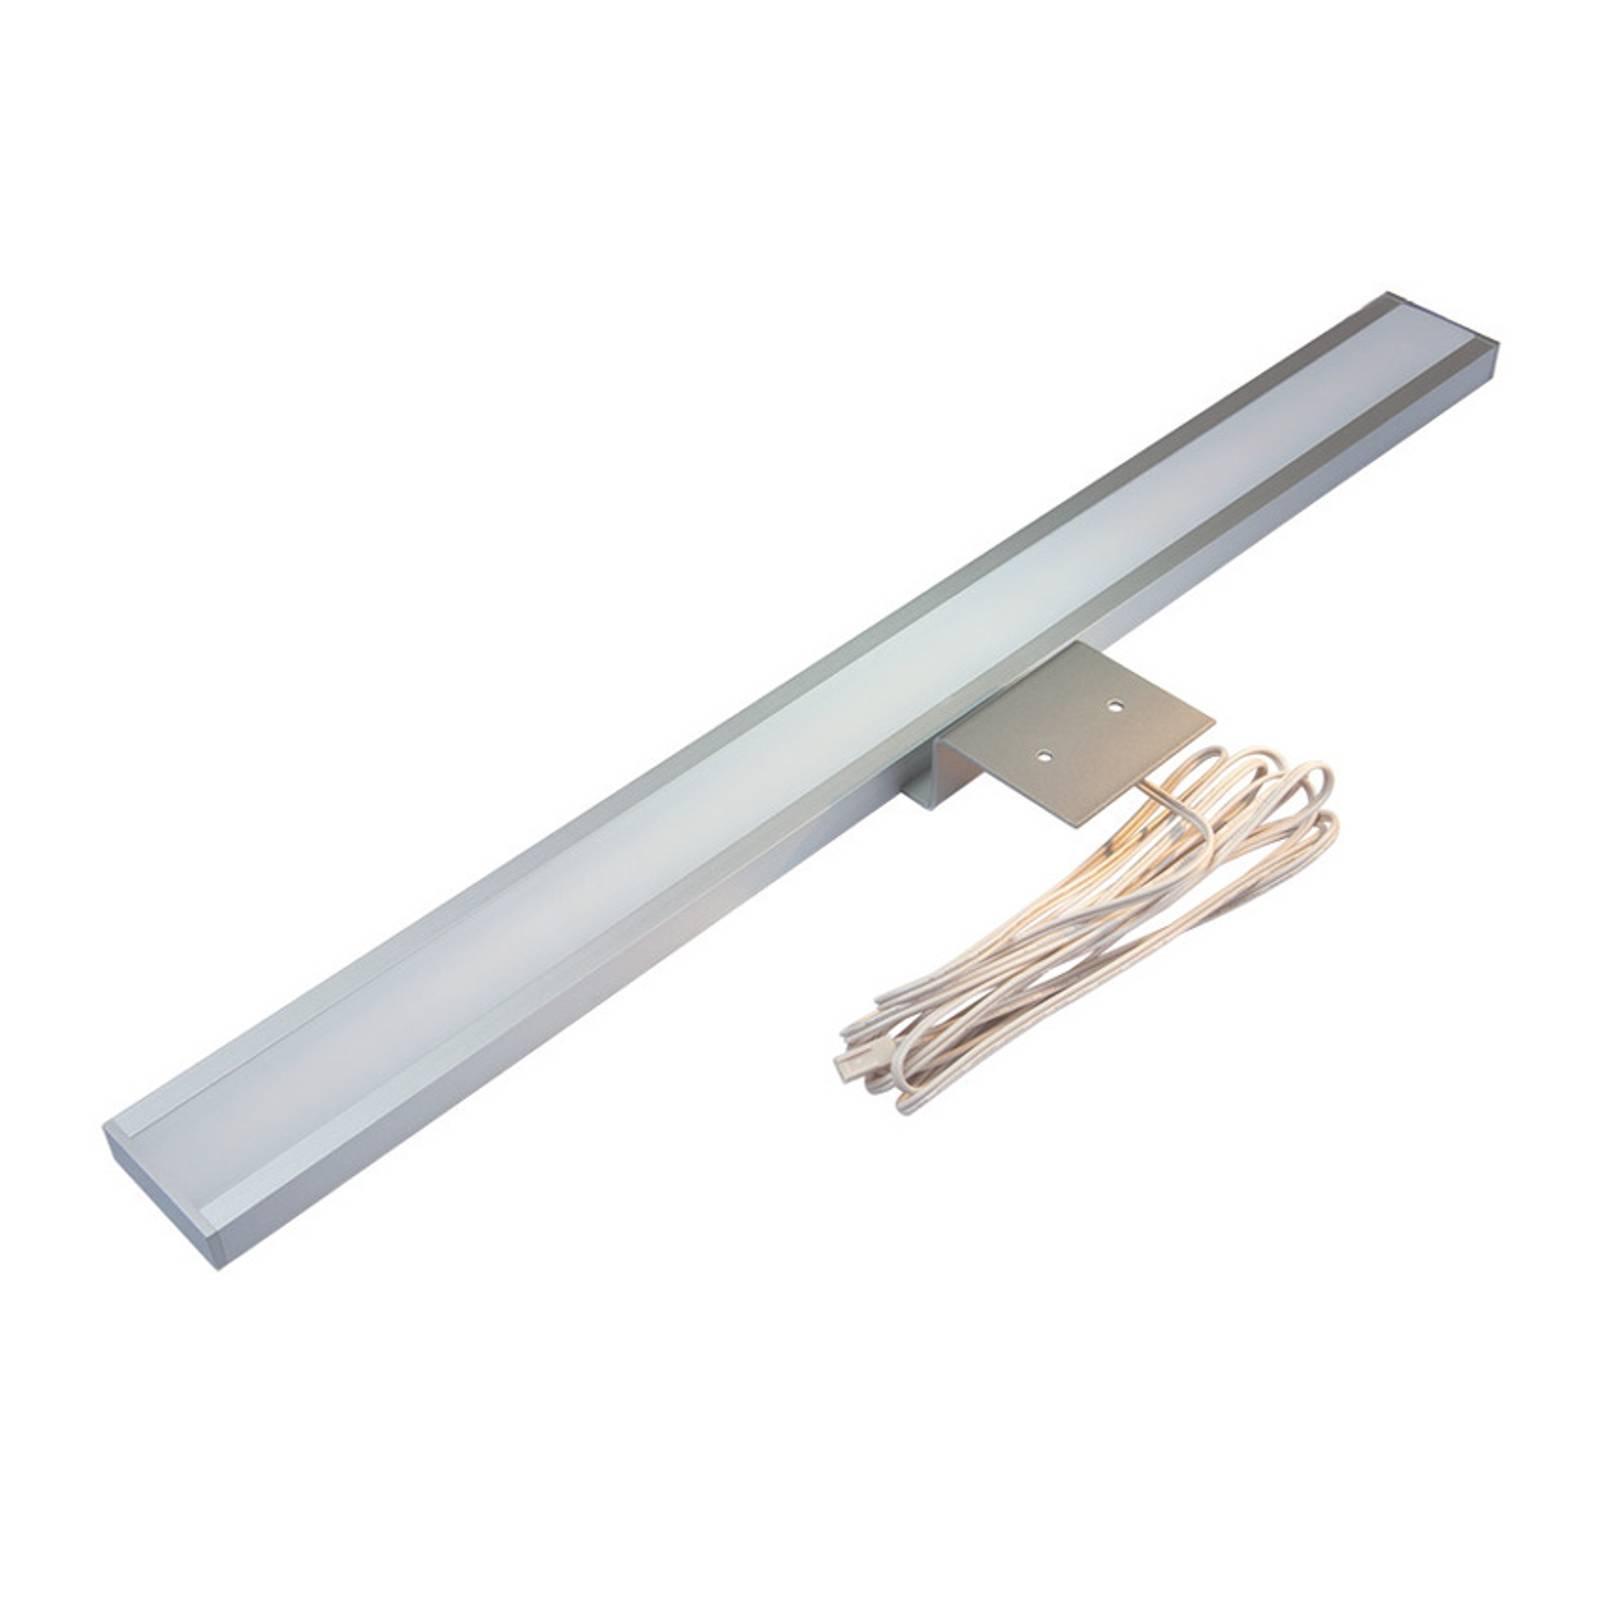 LED-Schrankaufbauleuchte Lugano 3.000K, 45 cm günstig online kaufen